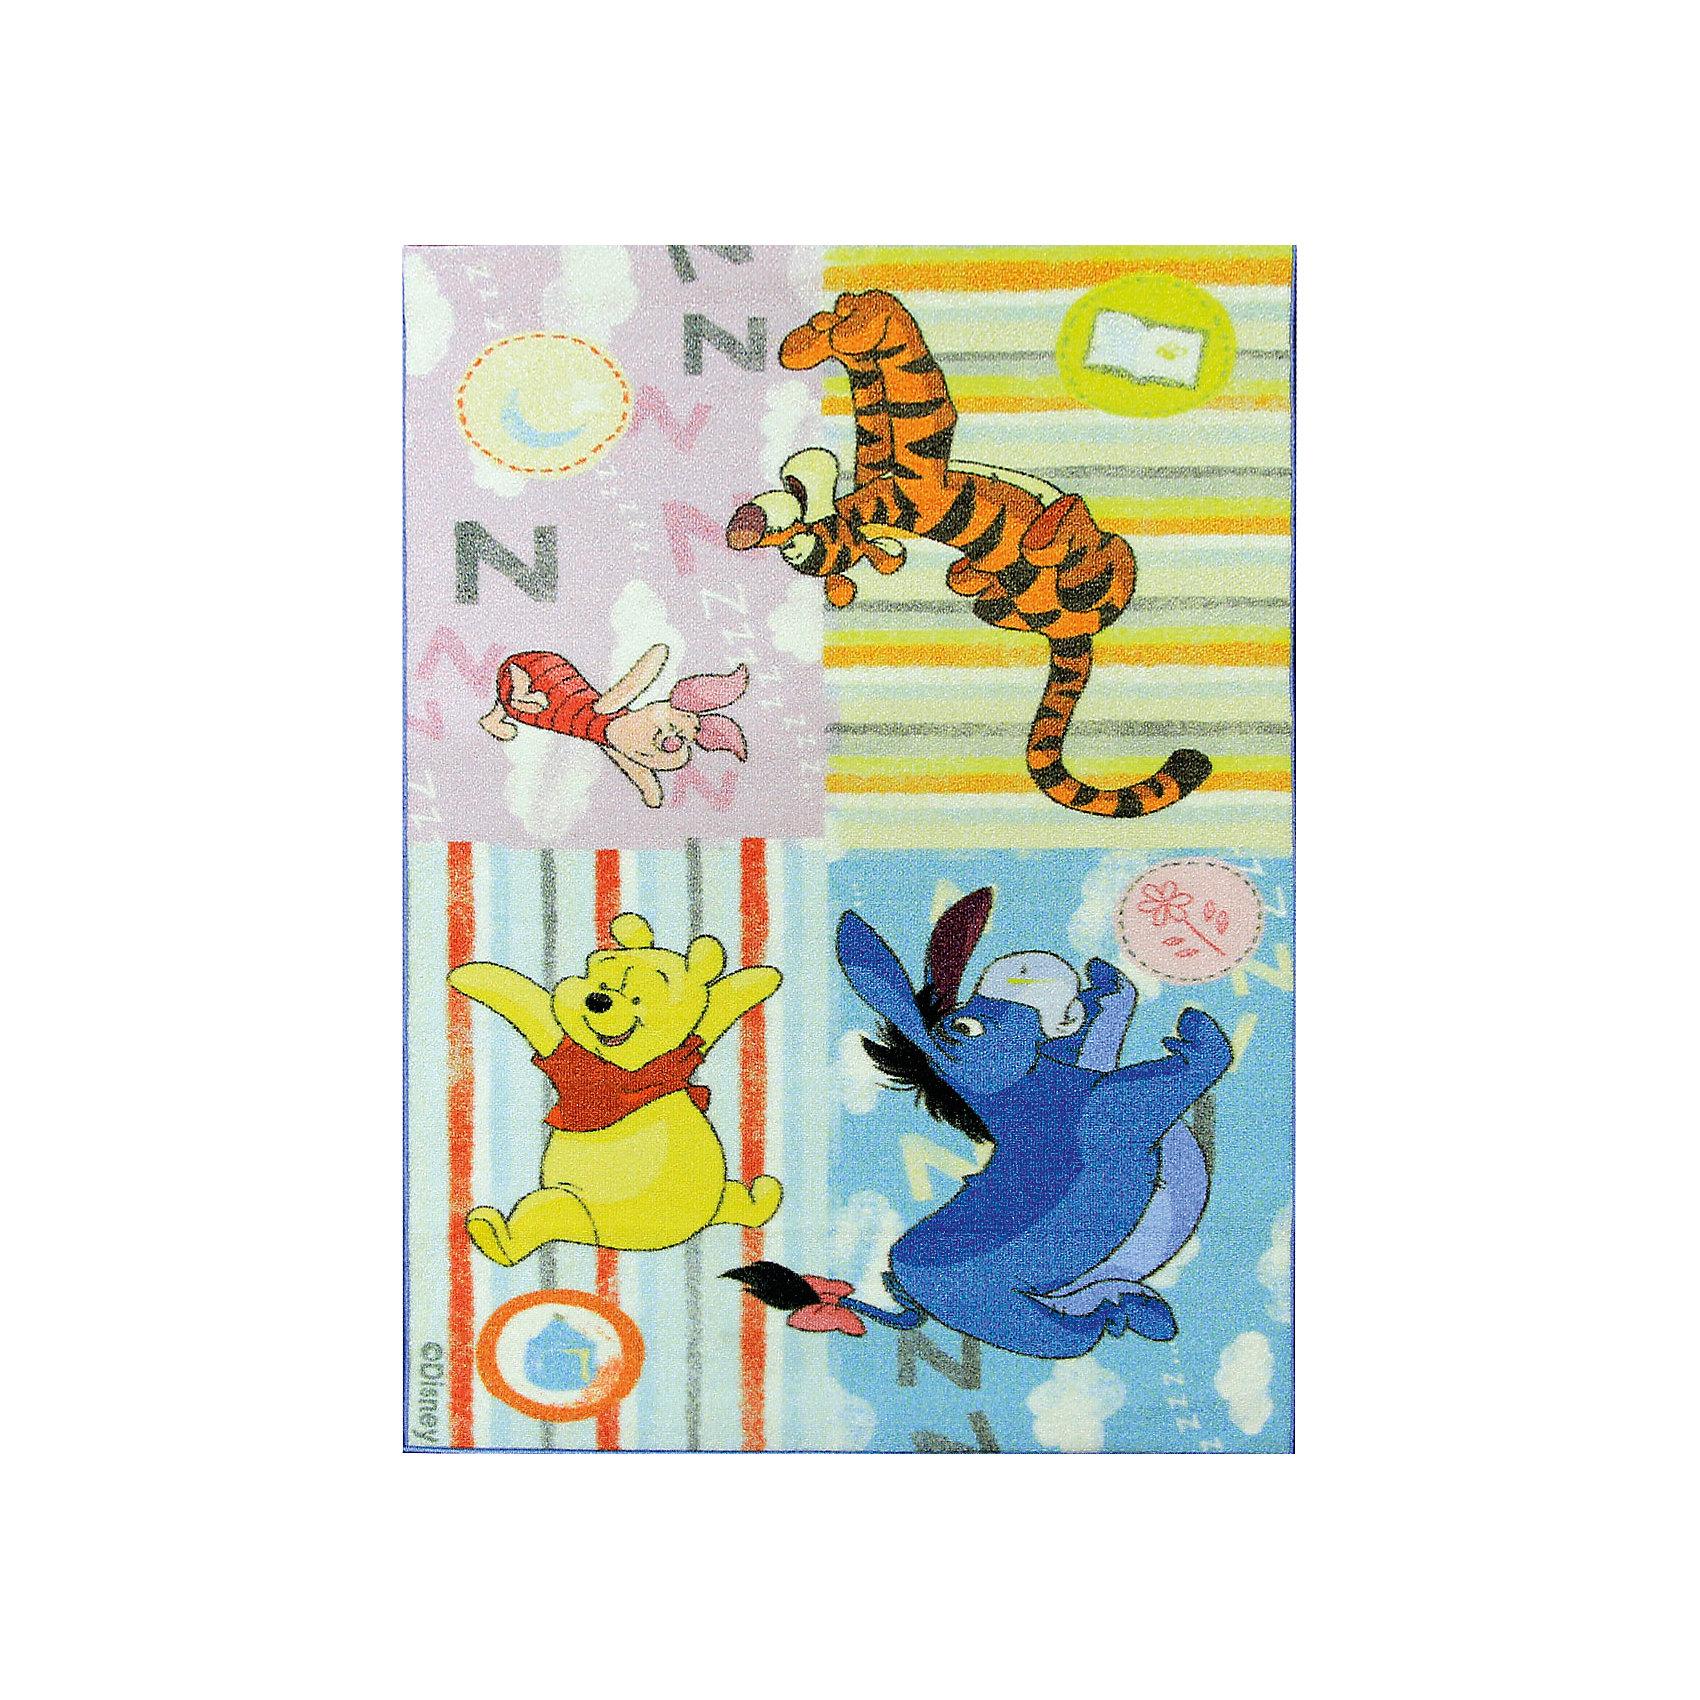 Ковер Винни Пух 133*195 см ДиснейКовер Винни Пух 133*195 см Дисней - яркий красочный ковер, за которым легко ухаживать сделает комнату уютной вашего ребенка.<br>Позитивный качественный детский ковёр, коллекции Disney, с героями знаменитых диснеевских мультфильмов о приключениях Винни Пуха и его друзей, украсит интерьер детской комнаты и наполнит мир вашего ребенка яркими и живыми красками. Детские ковры Disney очень практичны, изготовлены из безопасных и высококачественных синтетических материалов, стойки к истиранию и не выгорают. По краям ковры аккуратно обшиты. Полиамидный ворс не впитывает влагу, что существенно облегчает уход за изделием, а латексная основа не скользит по полу. Небольшой вес позволит без труда перемещать ковер в разные места комнаты и легко производить уборку под ковром.<br><br>Дополнительная информация:<br><br>- Размер: 133х195 см.<br>- Высота ворса: 4 мм.<br>- Вес ковра: 1,3 кг/м2<br>- Состав ворса: 100% полиамид<br>- Состав основы: гелиевая<br>- Цвет: разноцветный<br>- Вид производства: машинное<br><br>Ковер Винни Пух 133*195 см Дисней можно купить в нашем интернет-магазине.<br><br>Ширина мм: 300<br>Глубина мм: 300<br>Высота мм: 1330<br>Вес г: 3112<br>Возраст от месяцев: 36<br>Возраст до месяцев: 120<br>Пол: Унисекс<br>Возраст: Детский<br>SKU: 4466024